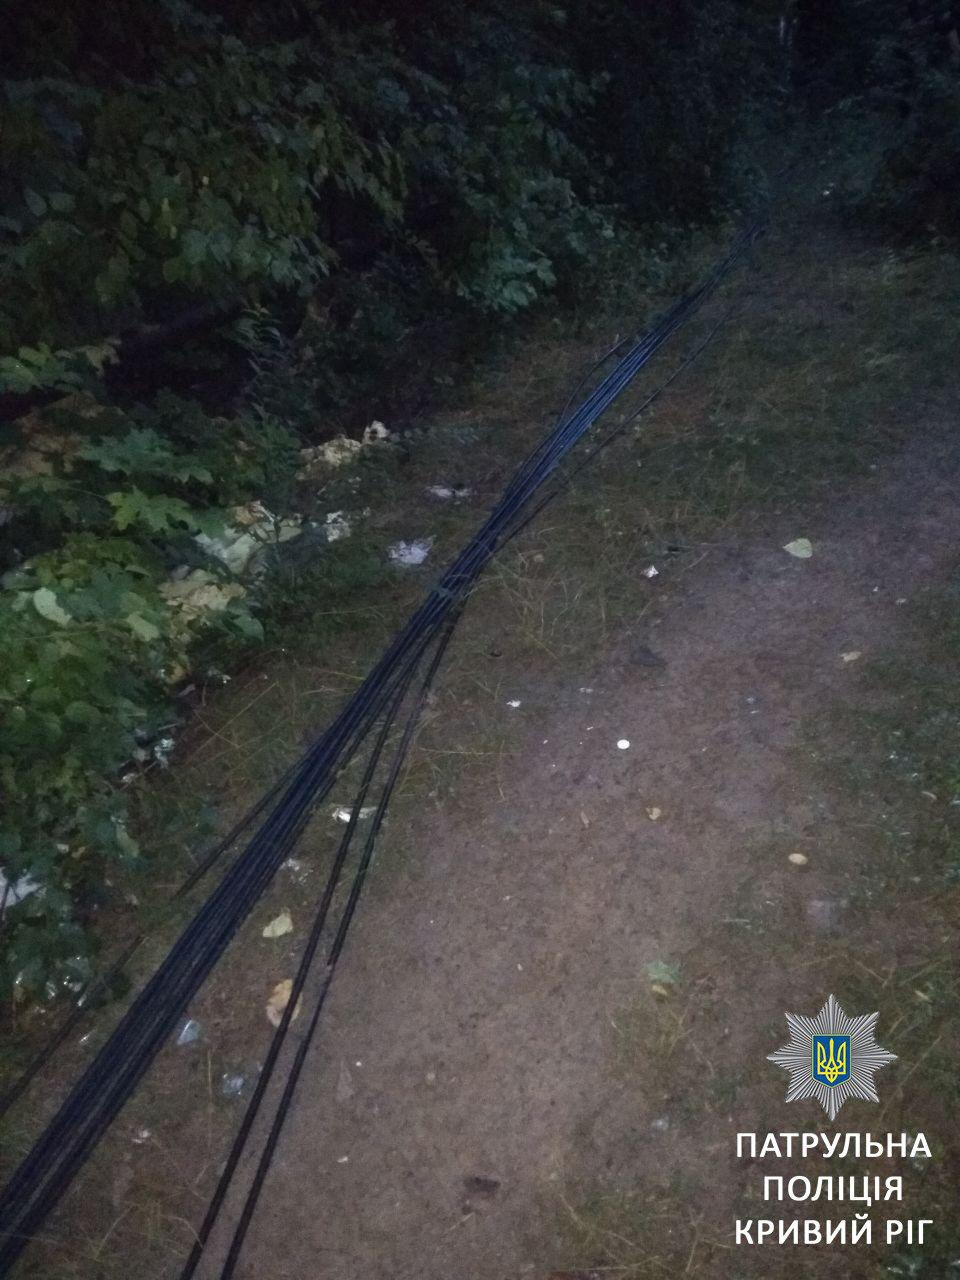 Двое криворожан не смогли объяснить, откуда взяли украденный кабель, - ФОТО, фото-4